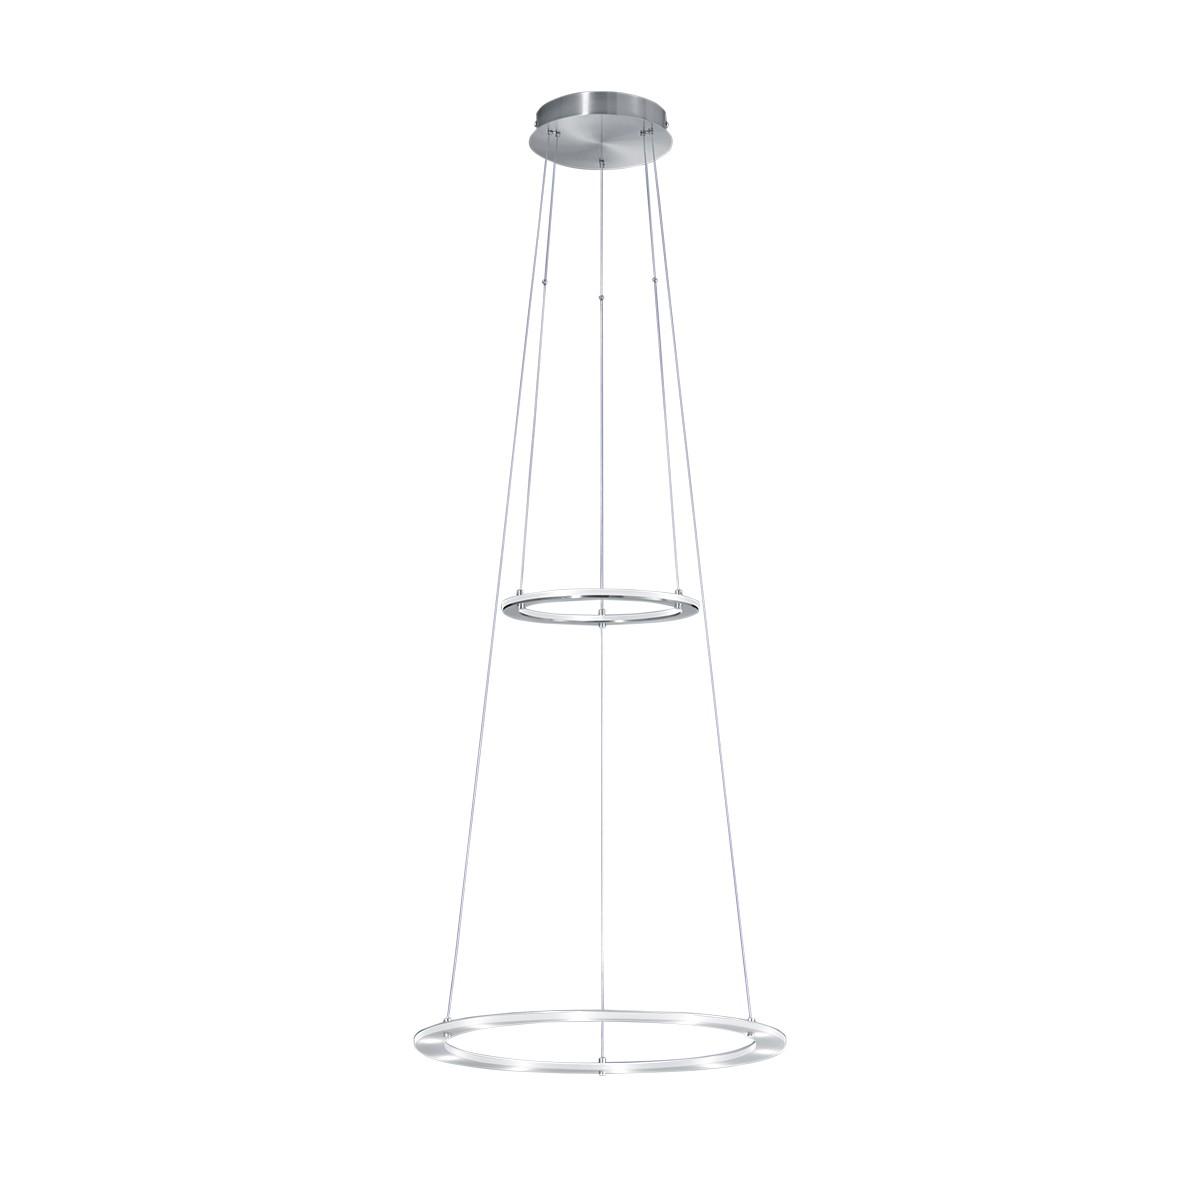 B-Leuchten Mica LED Pendelleuchte, Ring klein: Indirektlicht